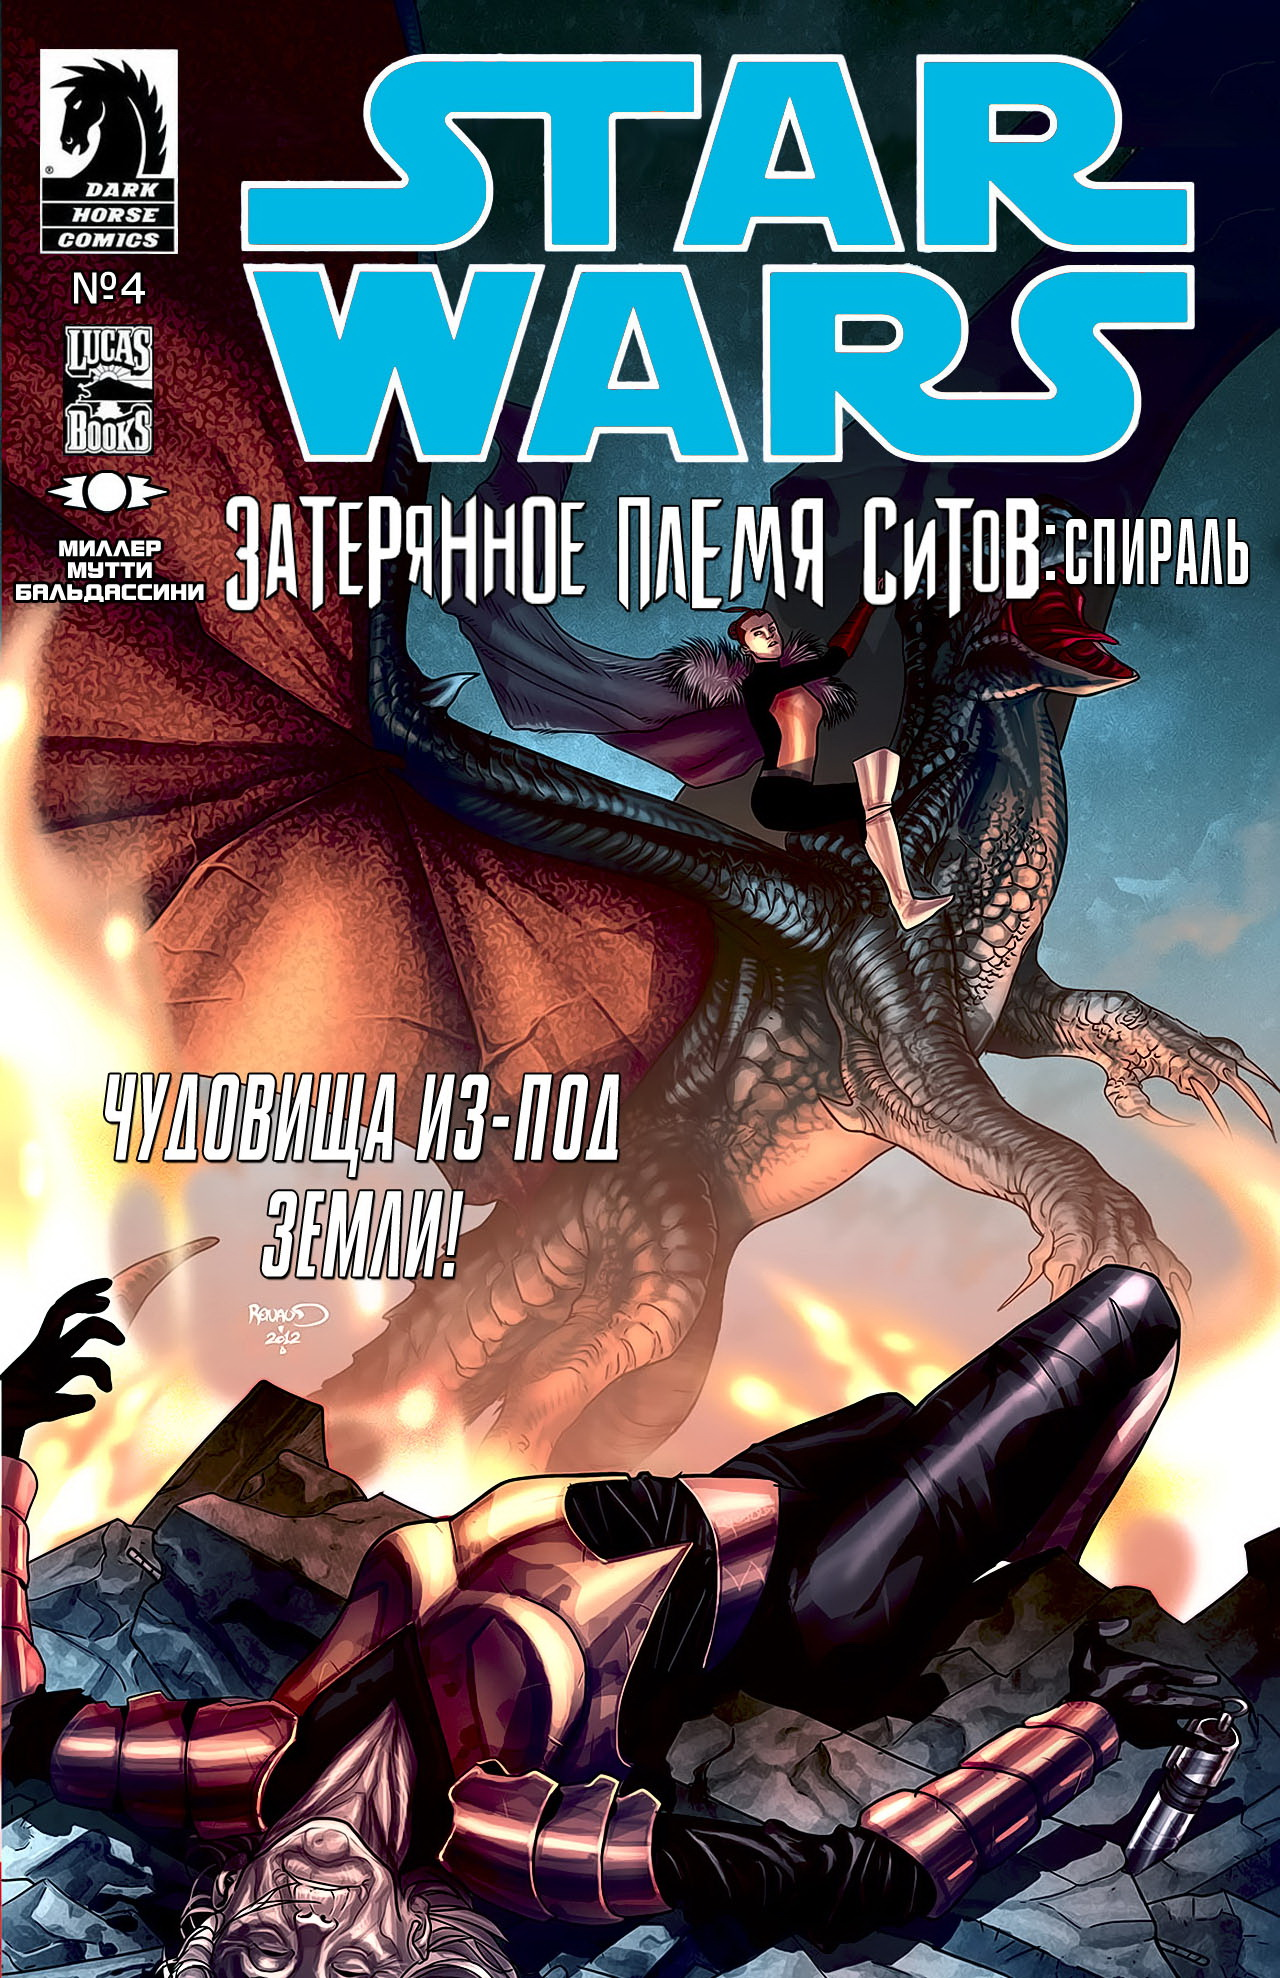 Звёздные войны. Затерянное племя ситхов 4: Спираль, часть 4